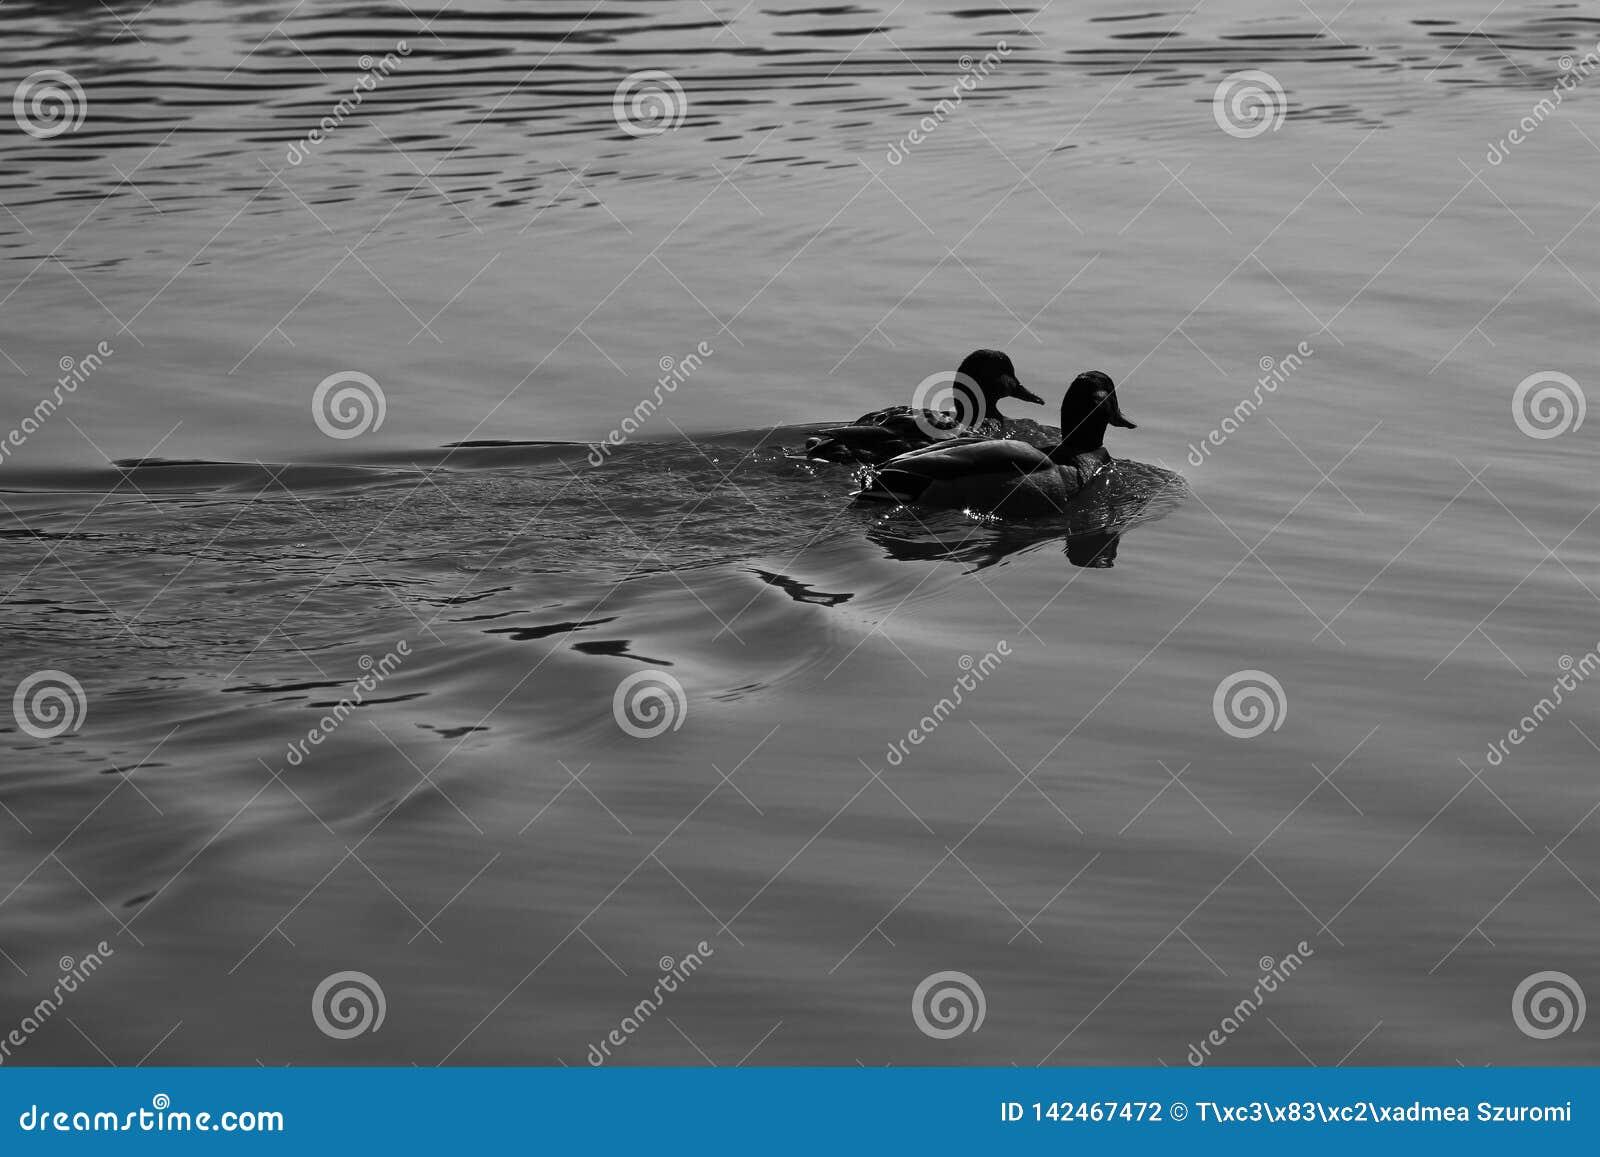 Natation en rivière